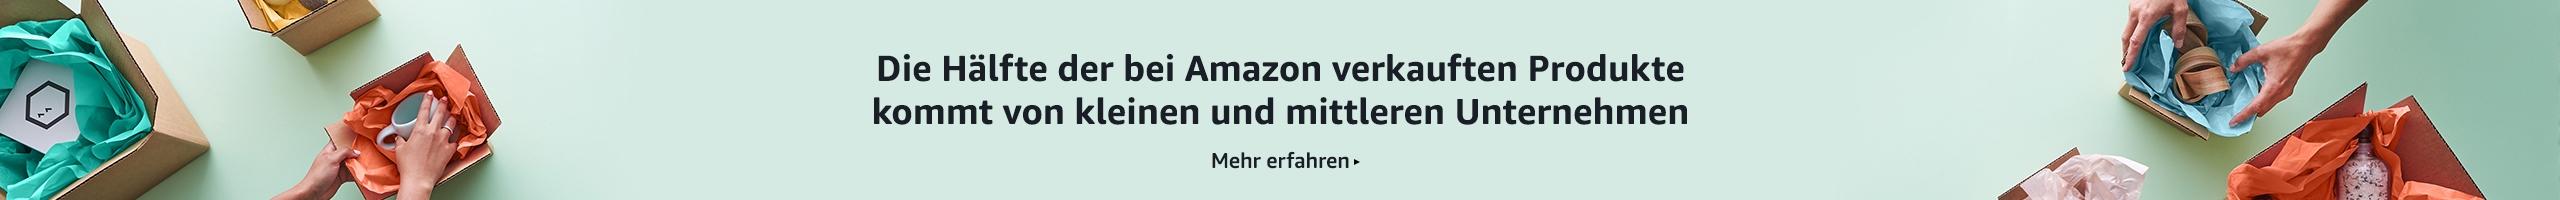 Die Hälfte der bei Amazon verkauften Produkte kommt von kleinen und mittleren Unternehmen